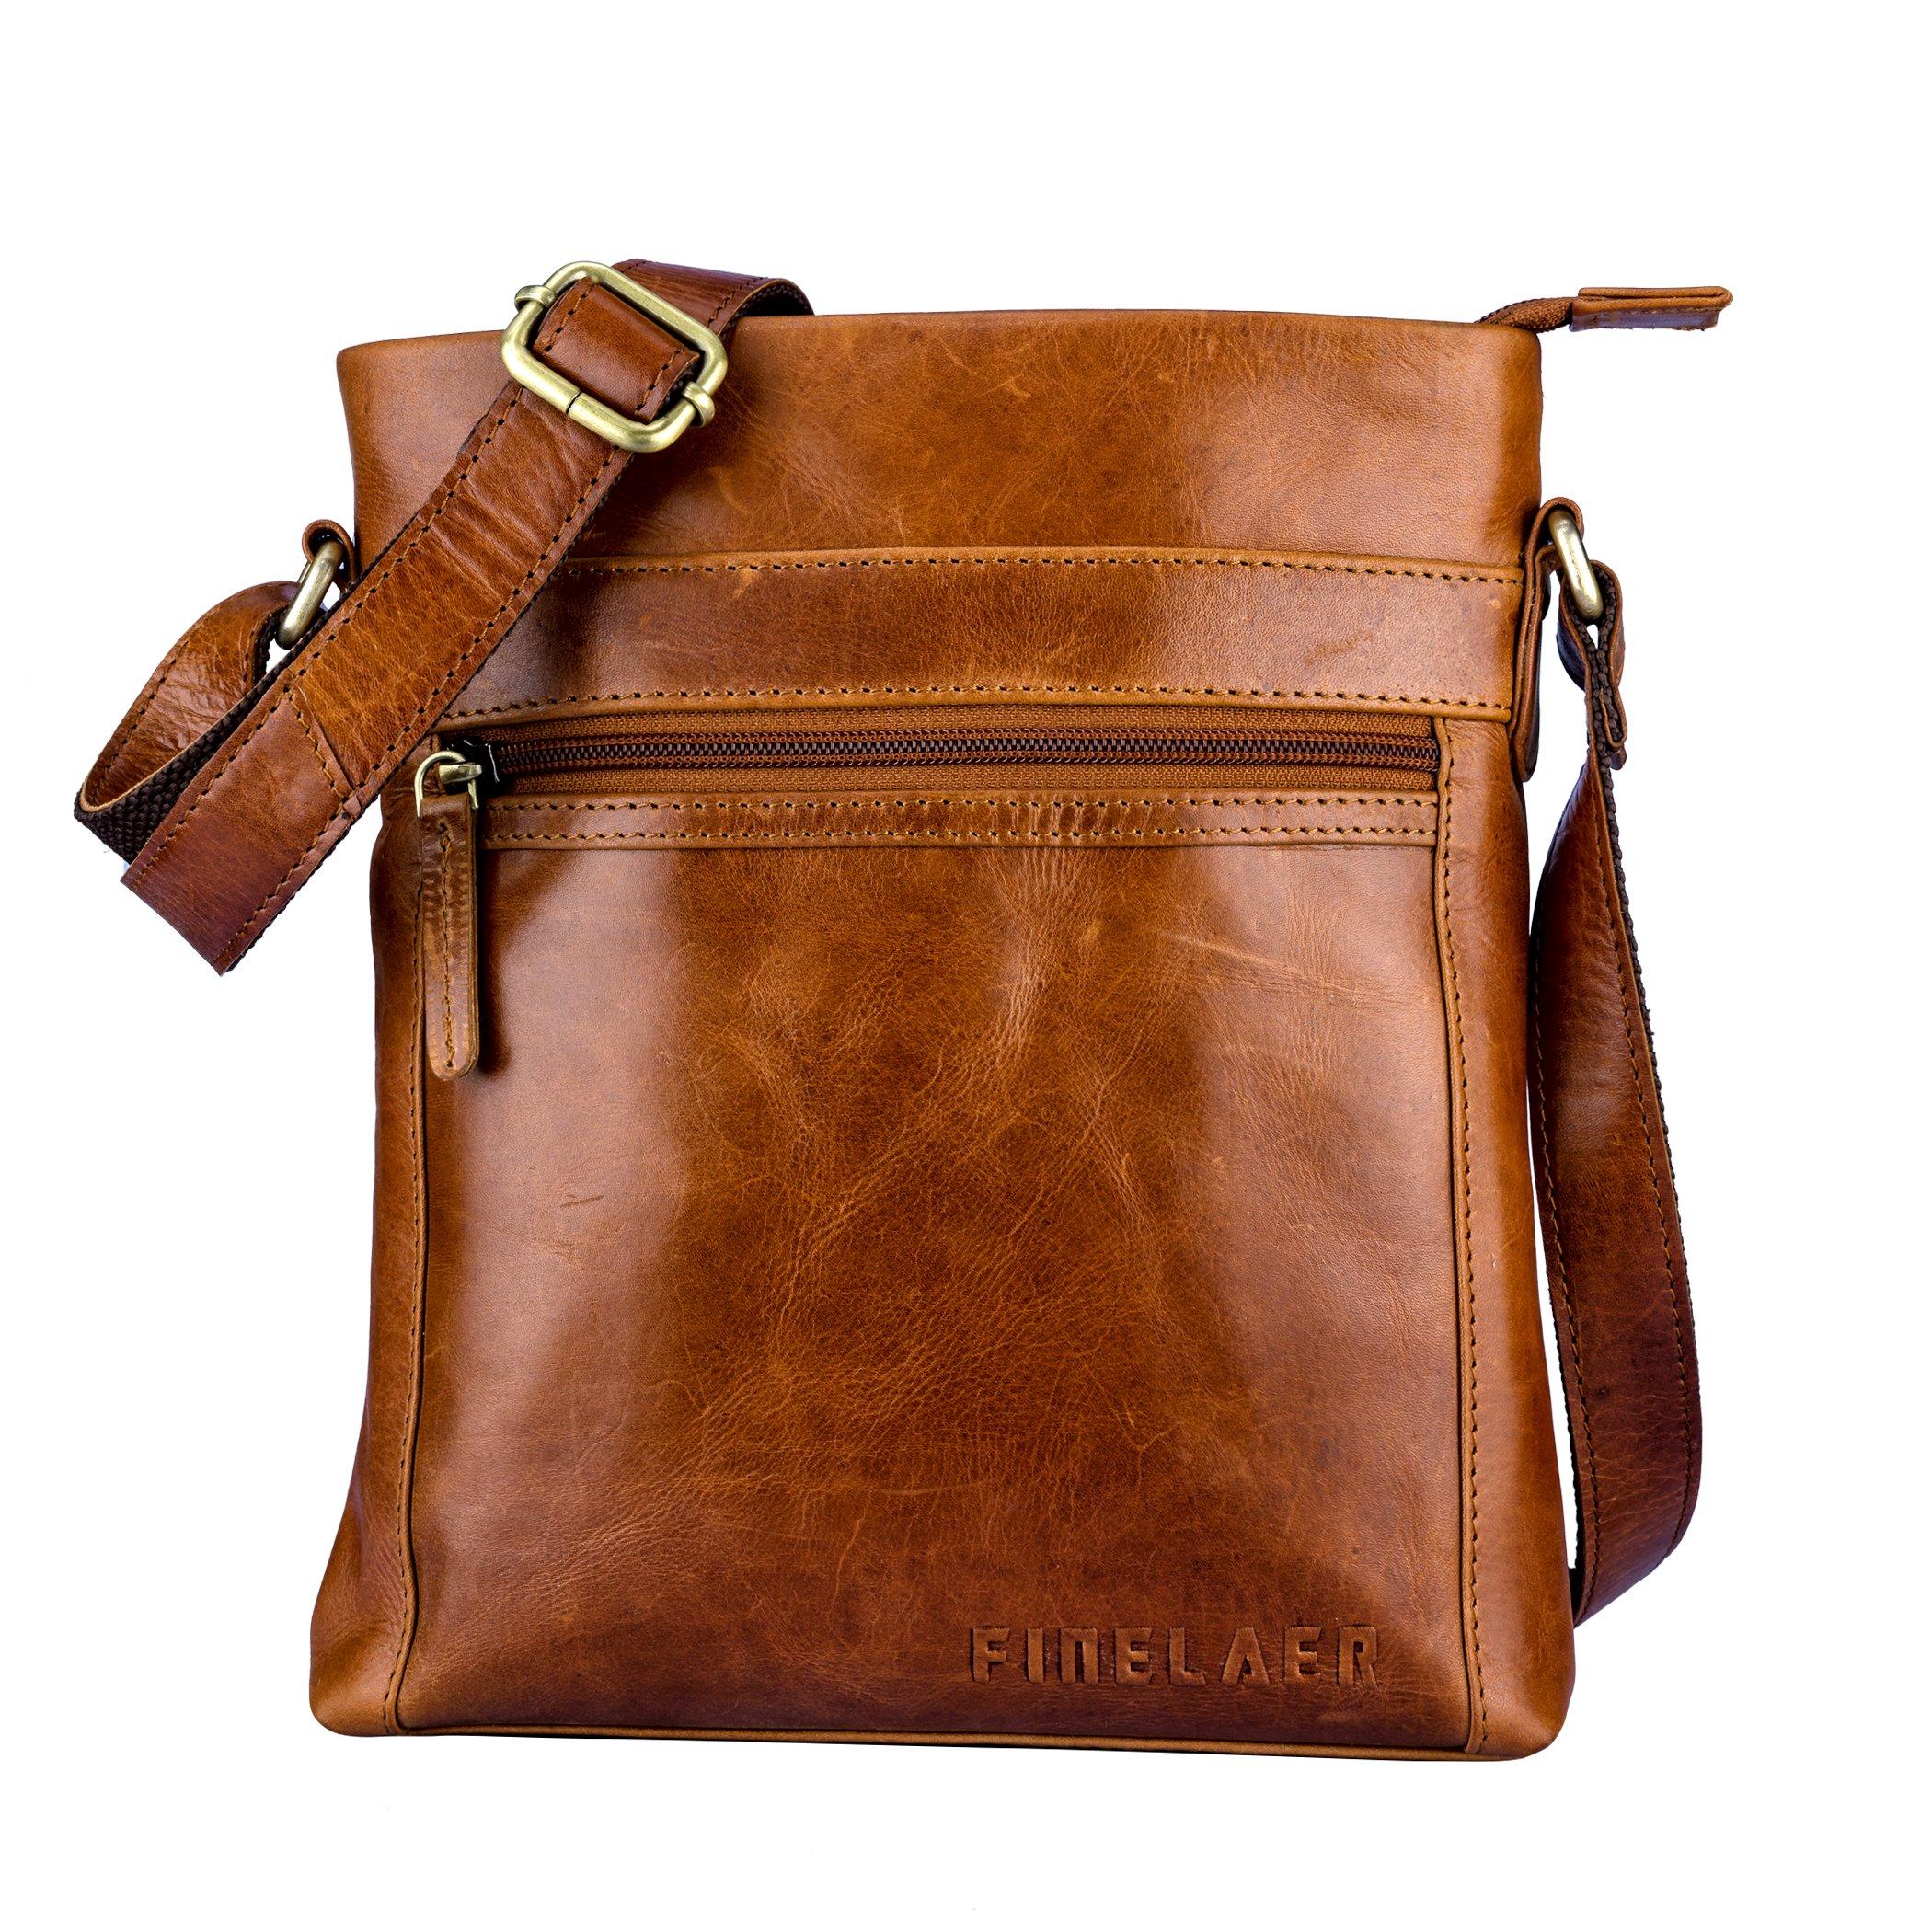 Finelaer Women Brown Leather Crossbody Shoulder Bag